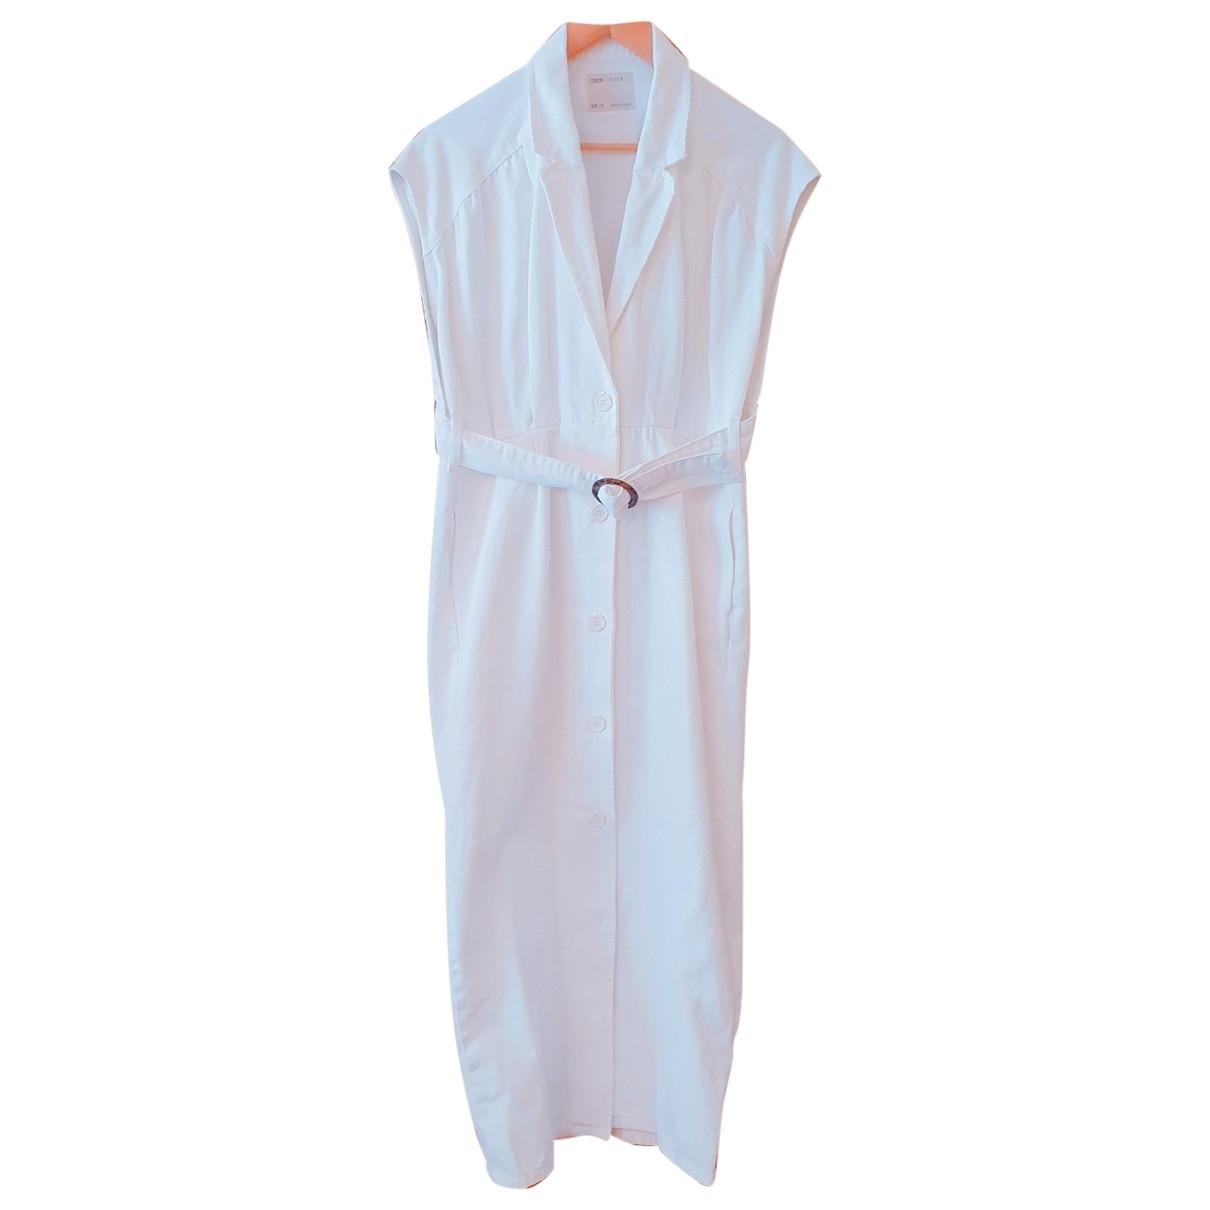 Asos \N White Denim - Jeans dress for Women 12 UK